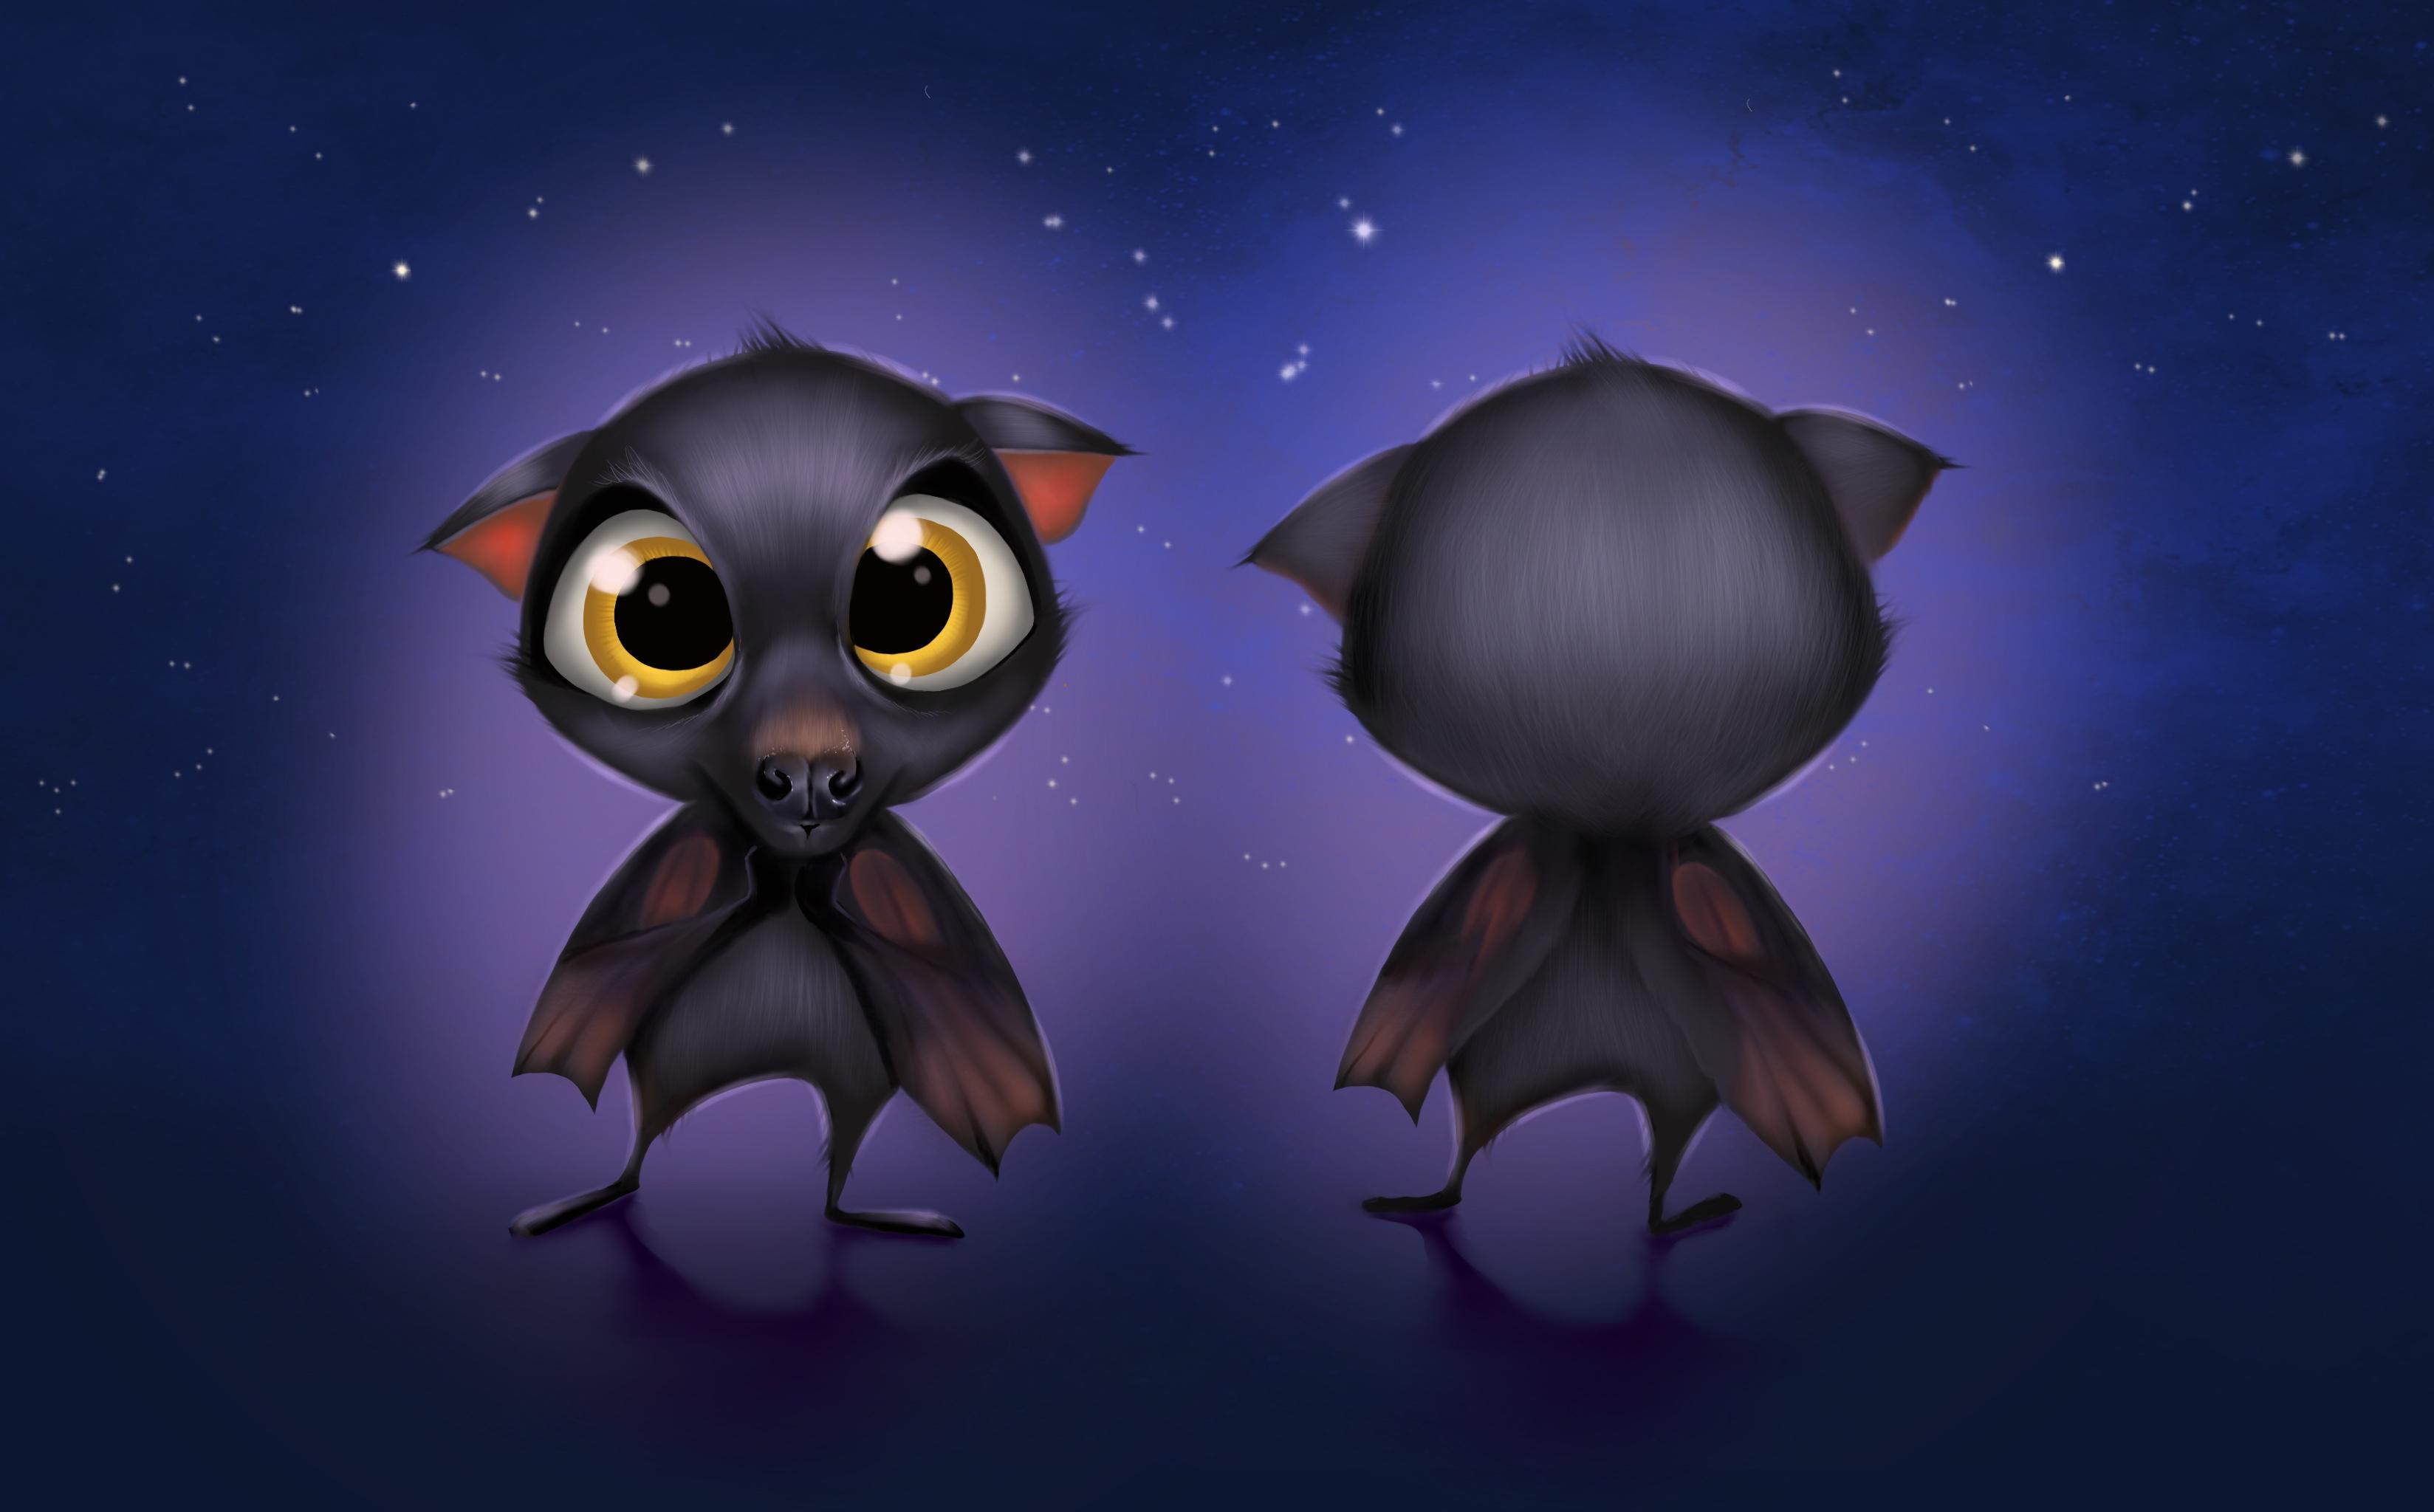 Нарисовать персонажа для анимации фото f_0245c86076d7db04.jpg